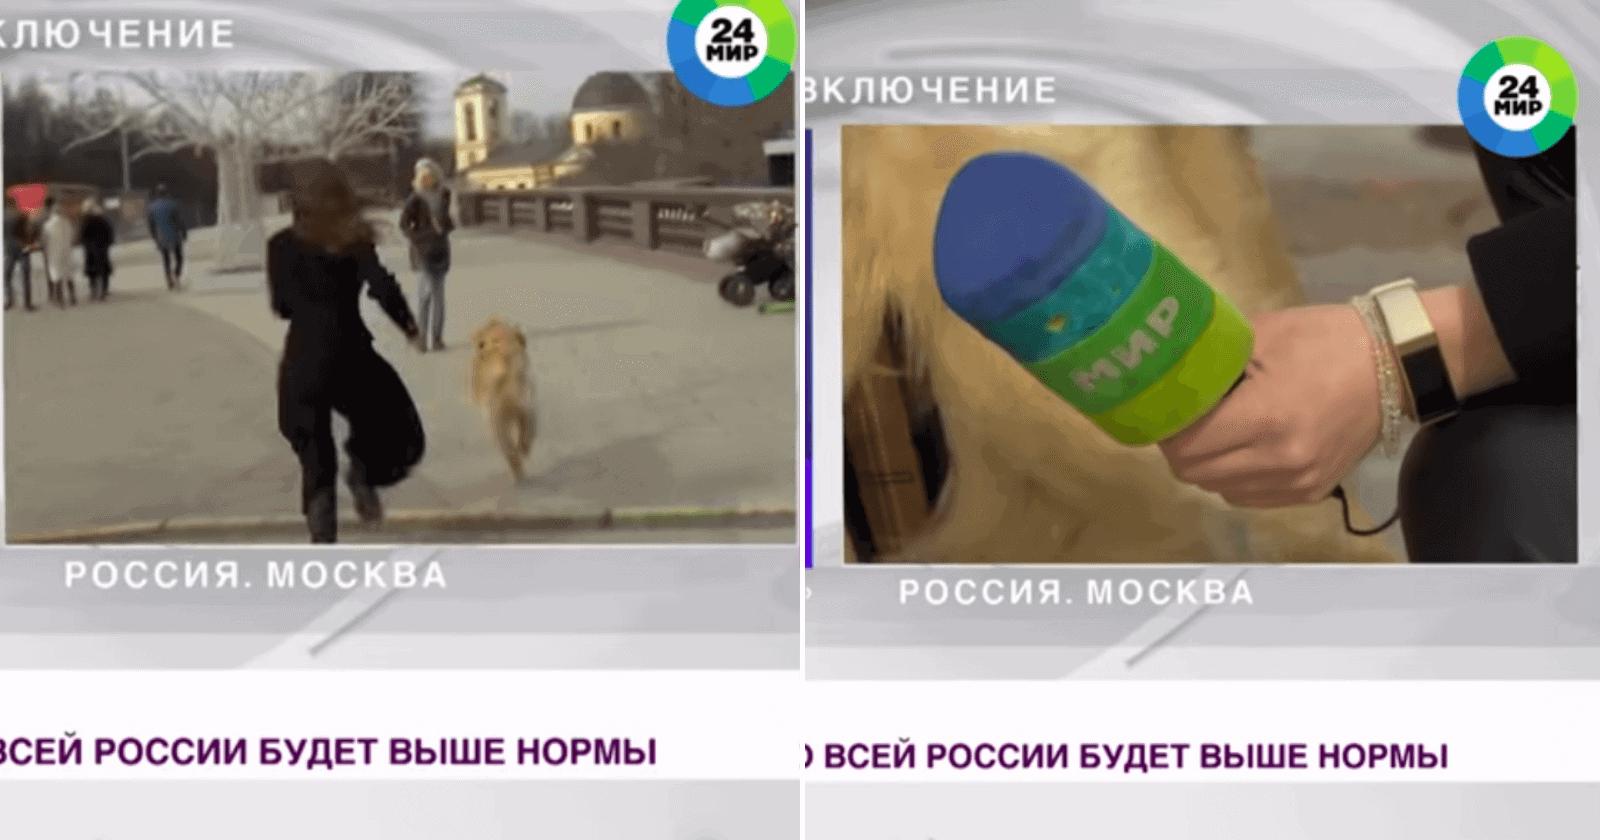 Cachorro invade transmissão ao vivo e rouba o microfone da repórter